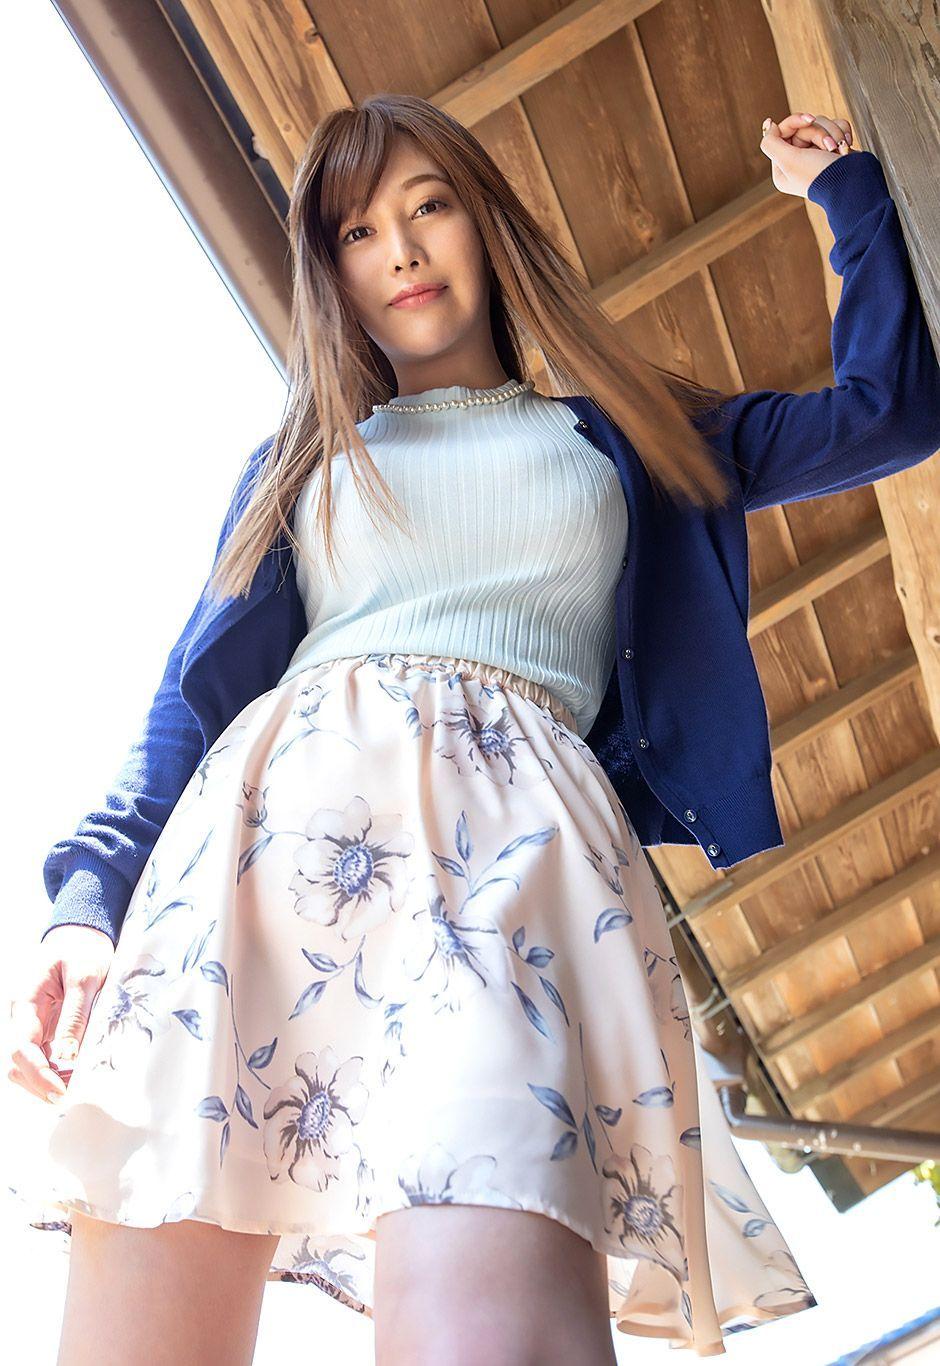 益坂美亜。美美巨乳モデルに突っ込みたくなる~シチュエーション~